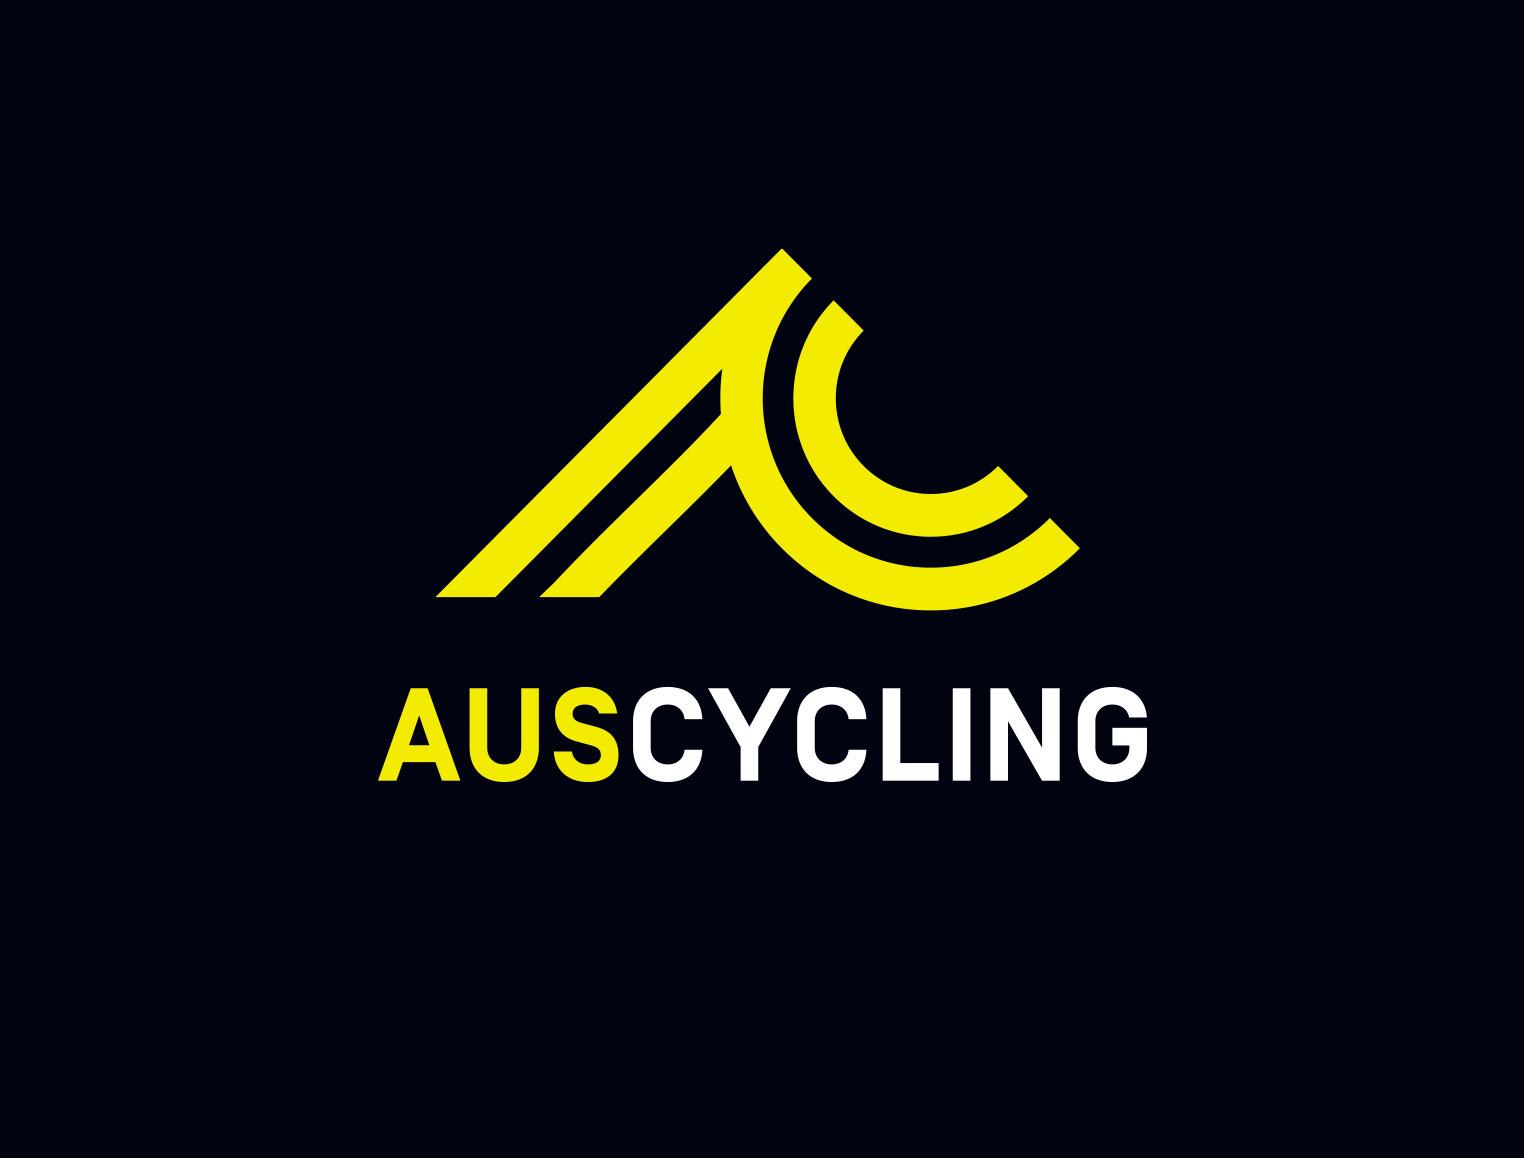 AusCycling tile image